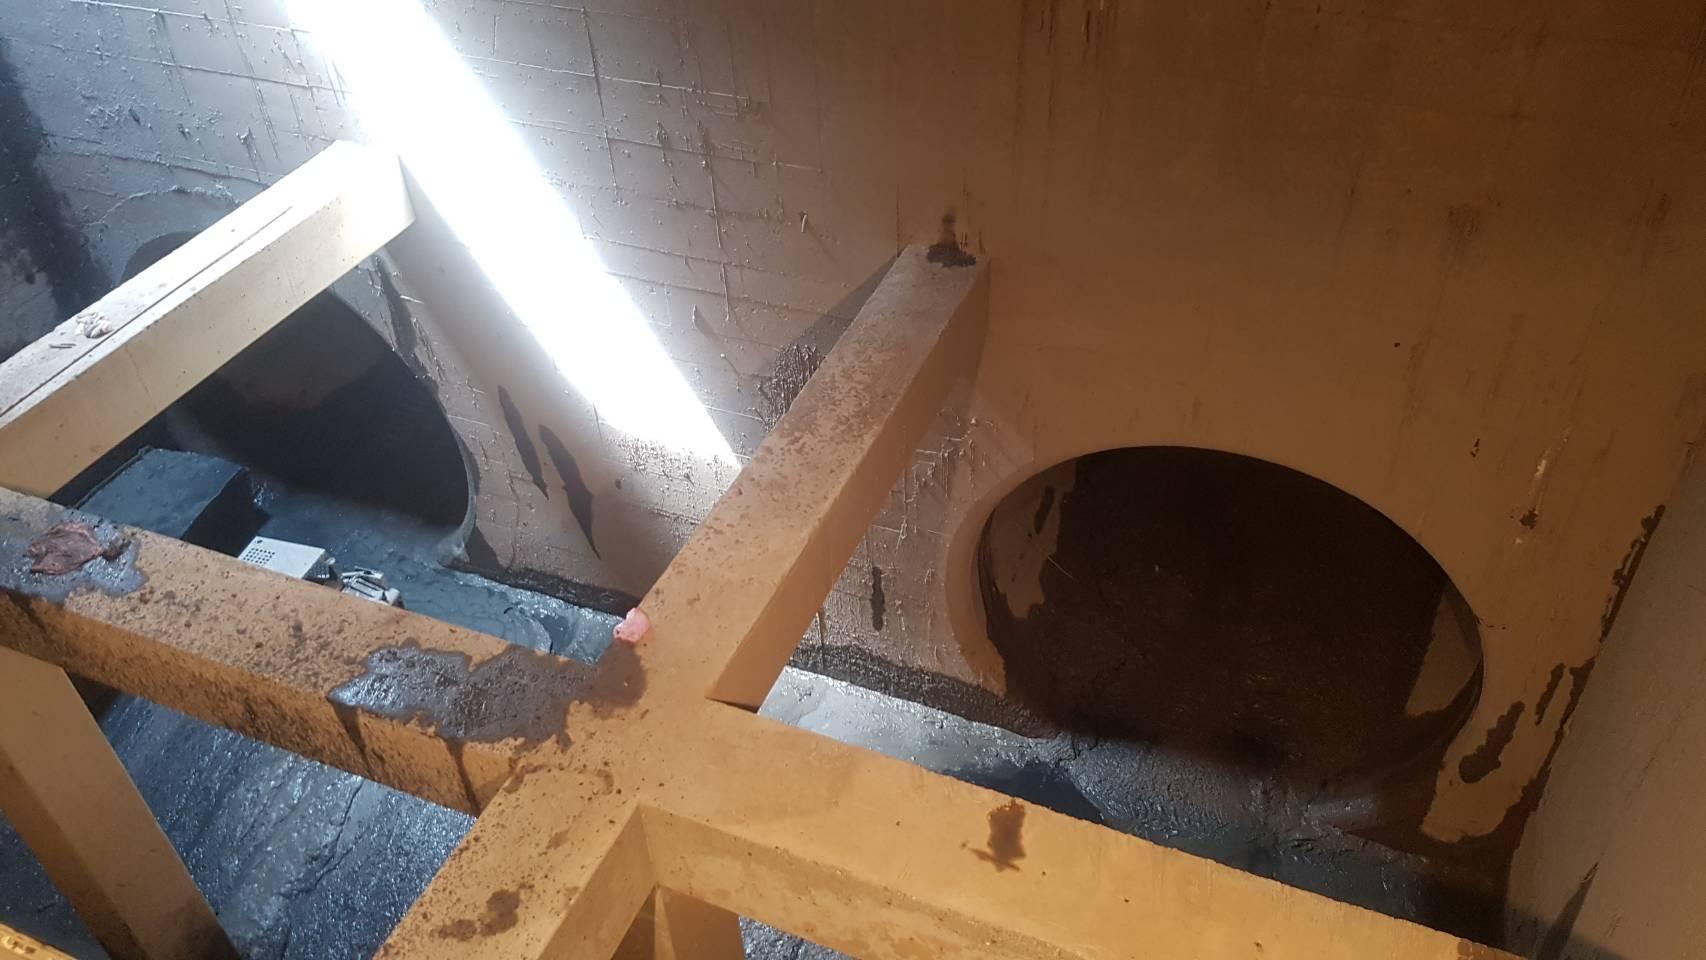 磺港溪壓力箱涵推管出發井